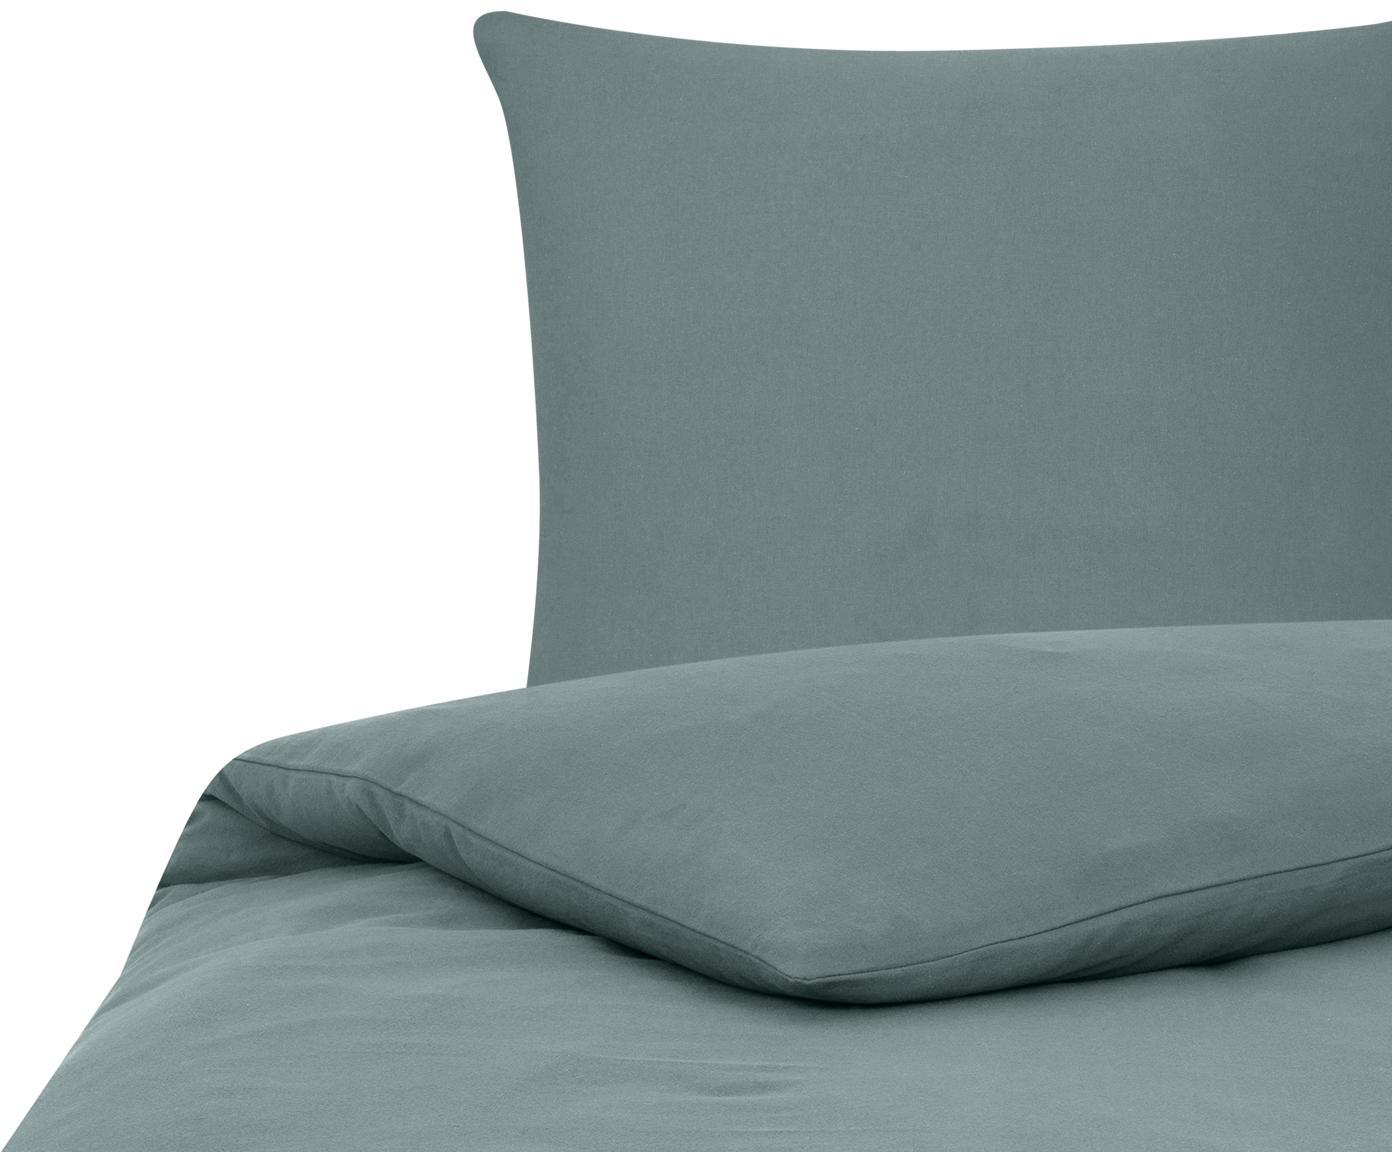 Flanell-Bettwäsche Biba in Grün, Webart: Flanell Flanell ist ein s, Grün, 135 x 200 cm + 1 Kissen 80 x 80 cm